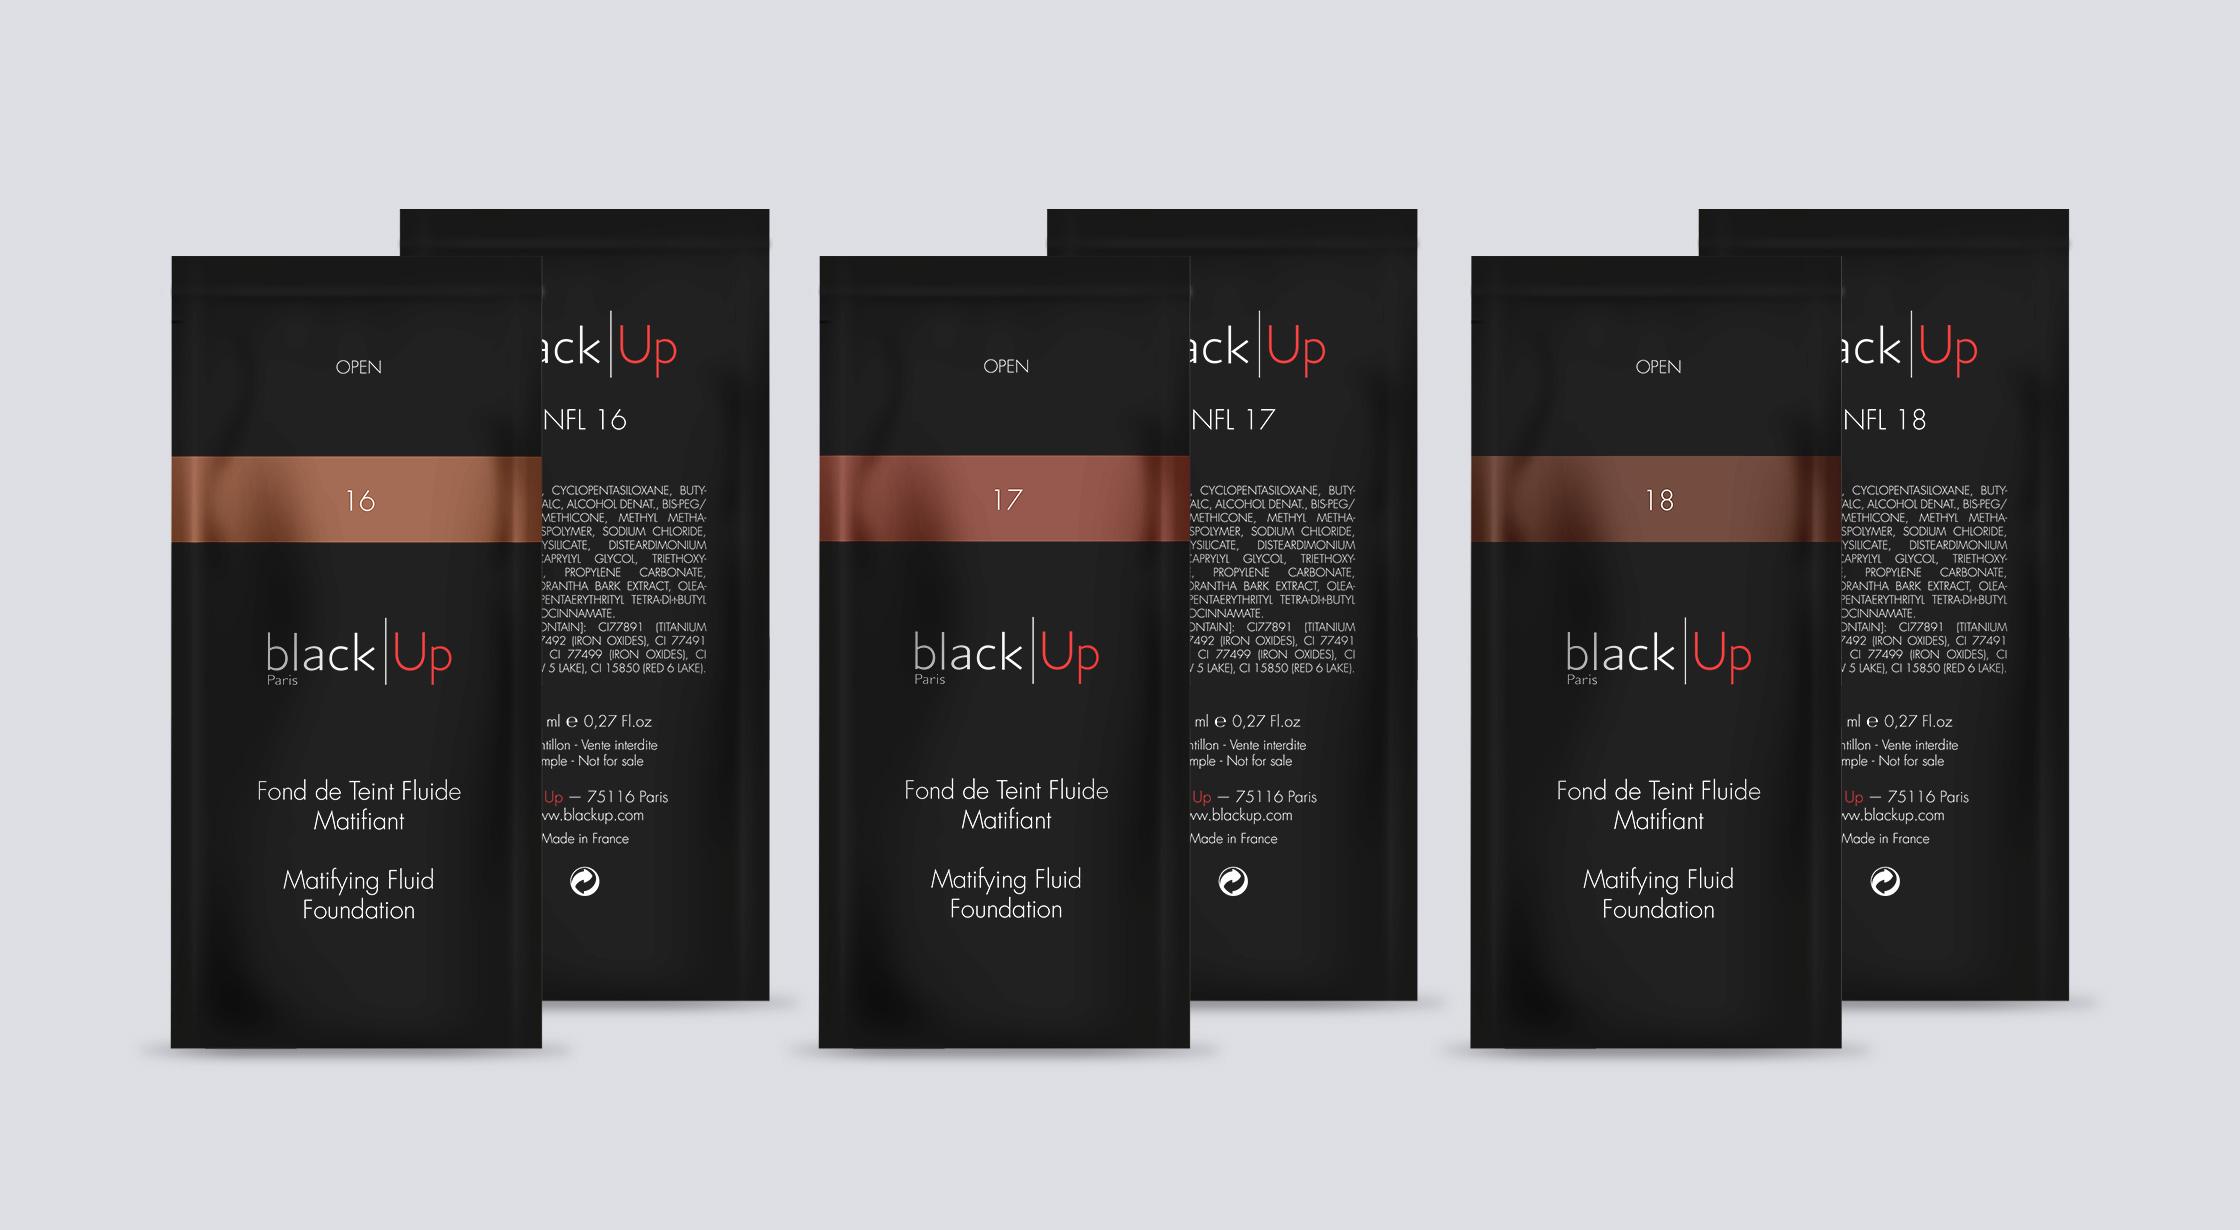 black_up_sachet